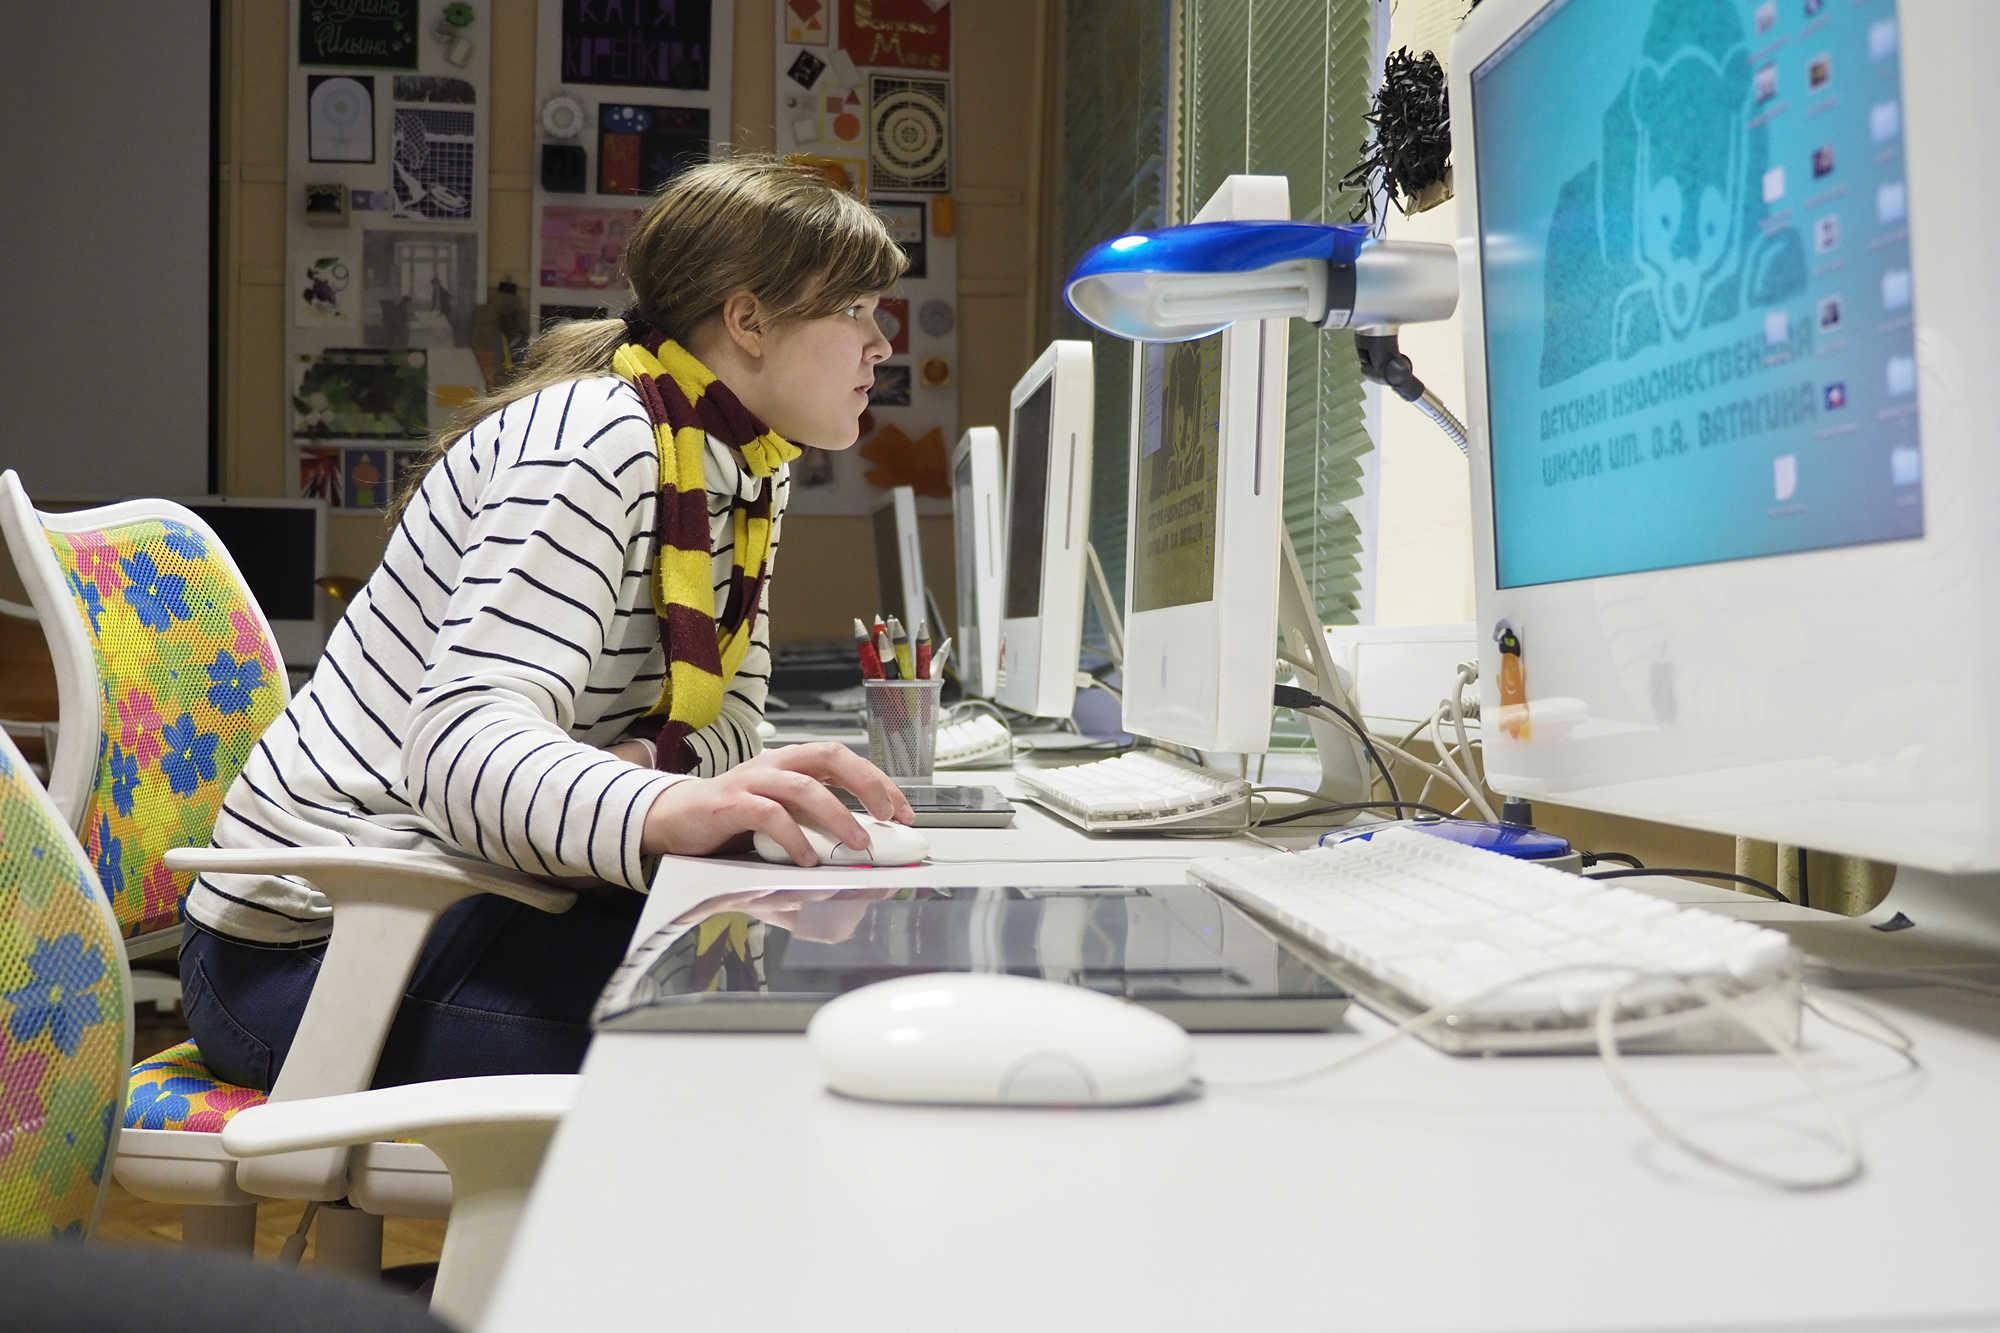 Технопарки Москвы подготовили онлайн-занятия для школьников